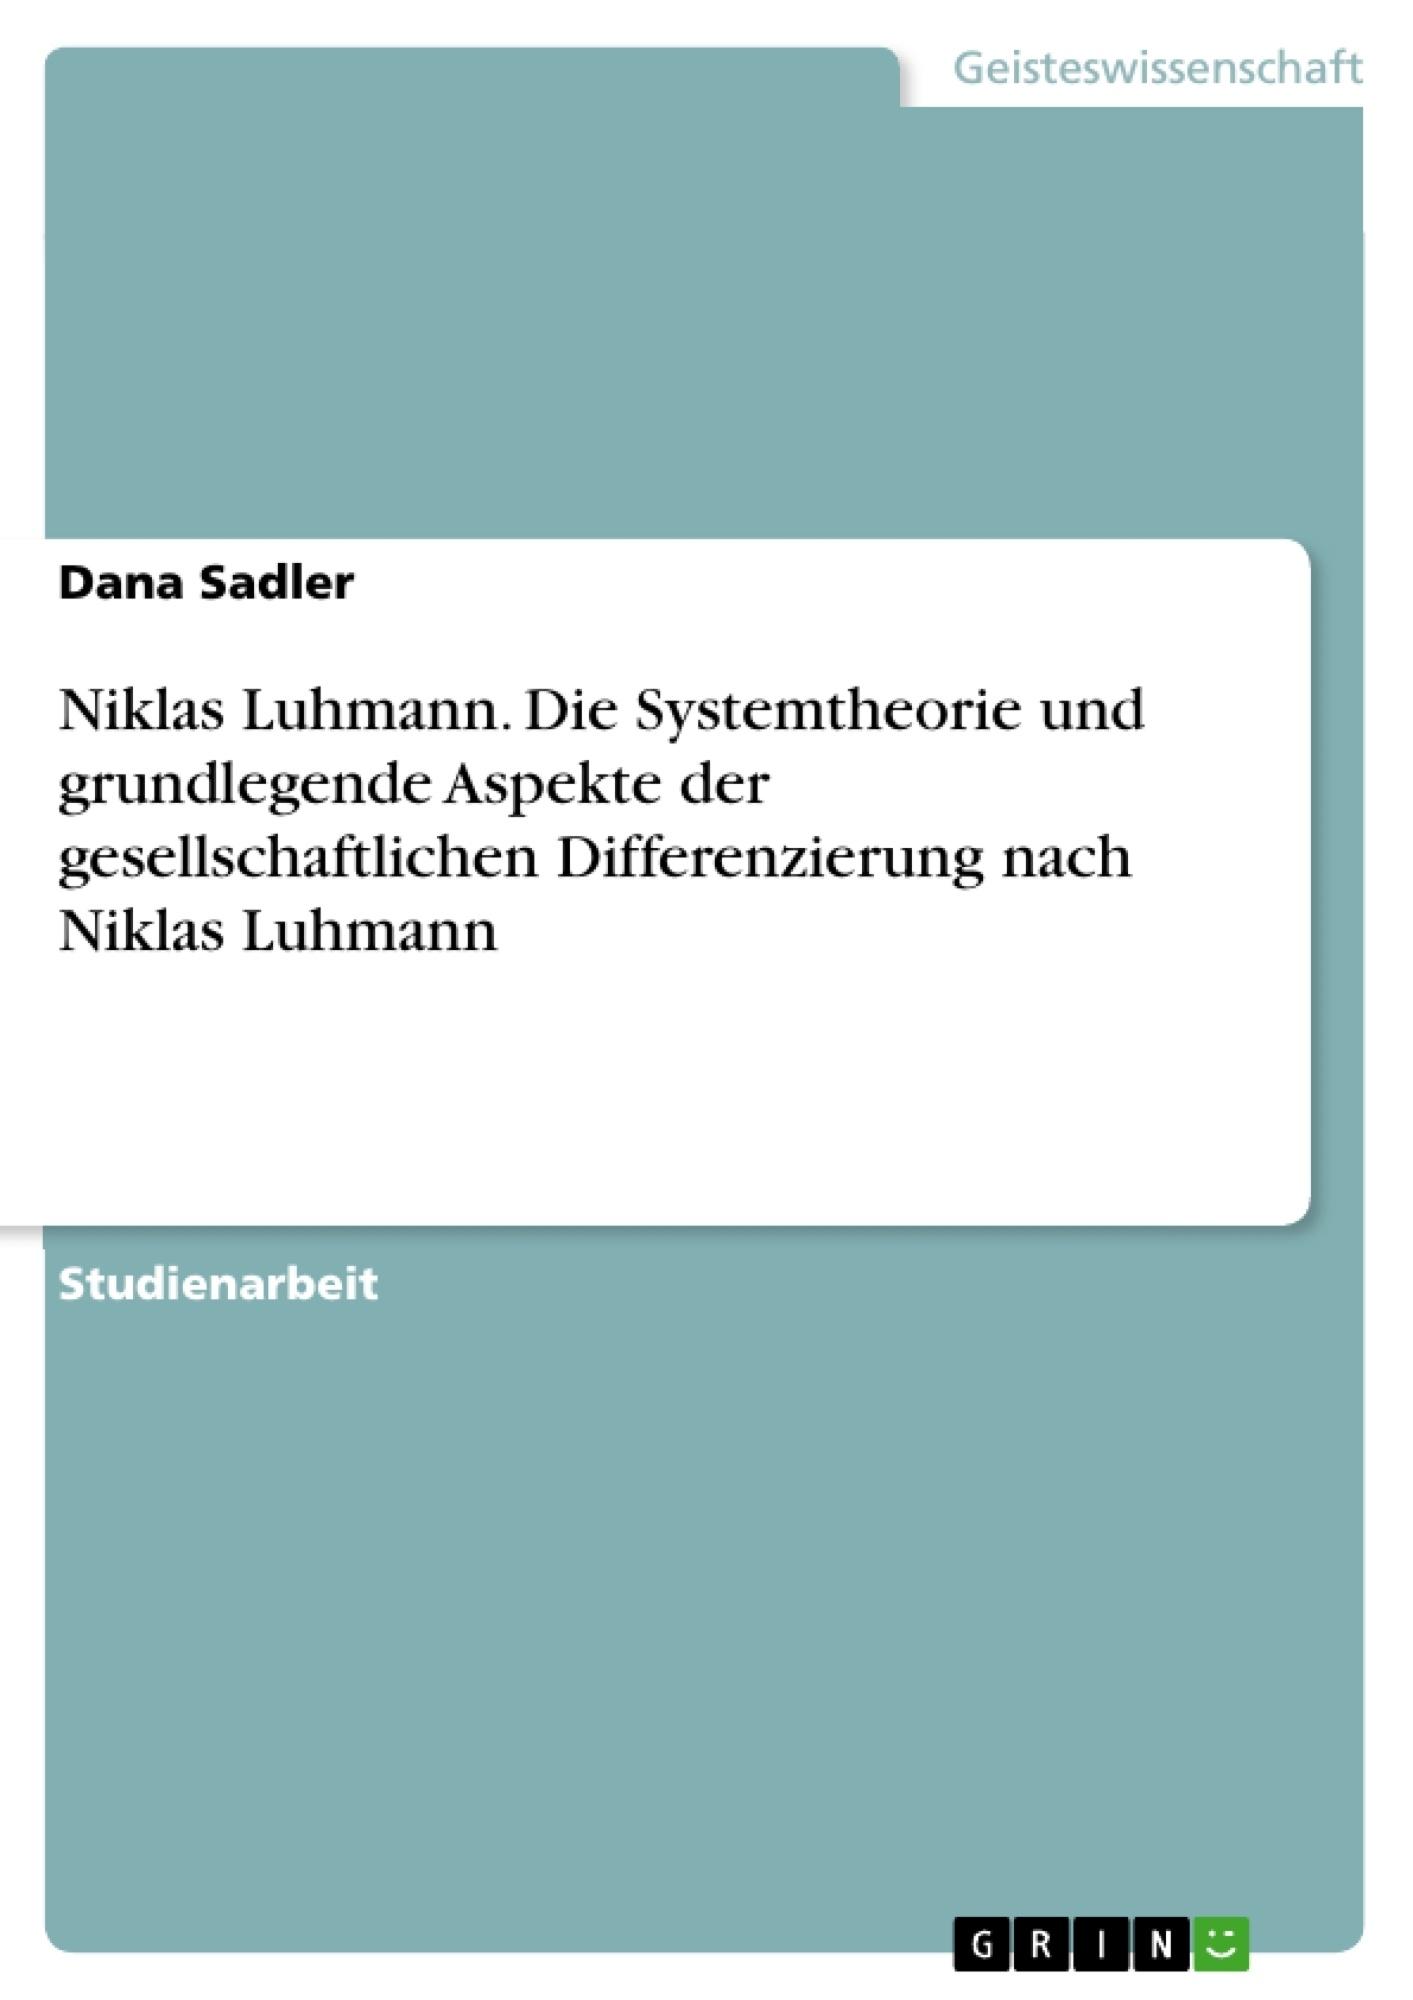 Titel: Niklas Luhmann. Die Systemtheorie und grundlegende Aspekte der gesellschaftlichen Differenzierung nach Niklas Luhmann